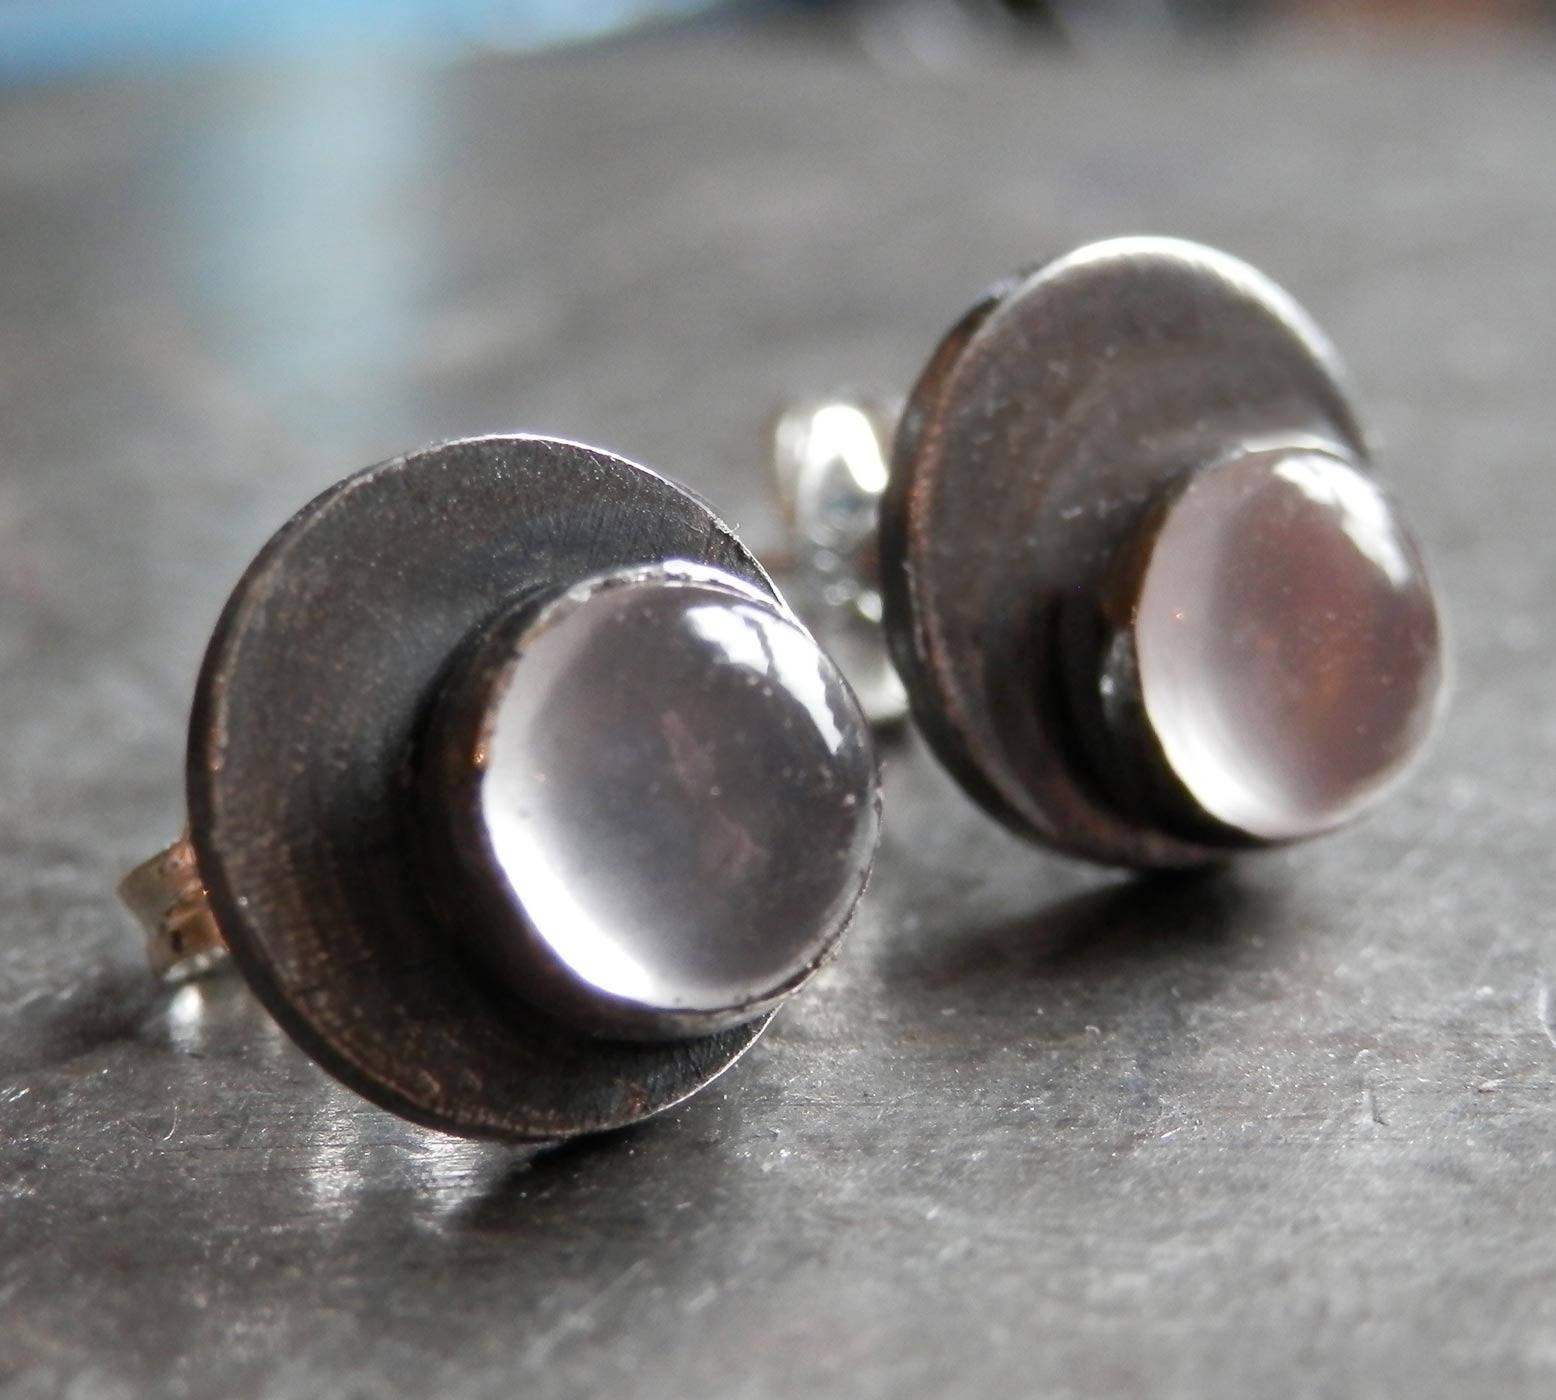 Clous d'oreille en argent massif vieilli avec cabochons de quartz rose - dotty